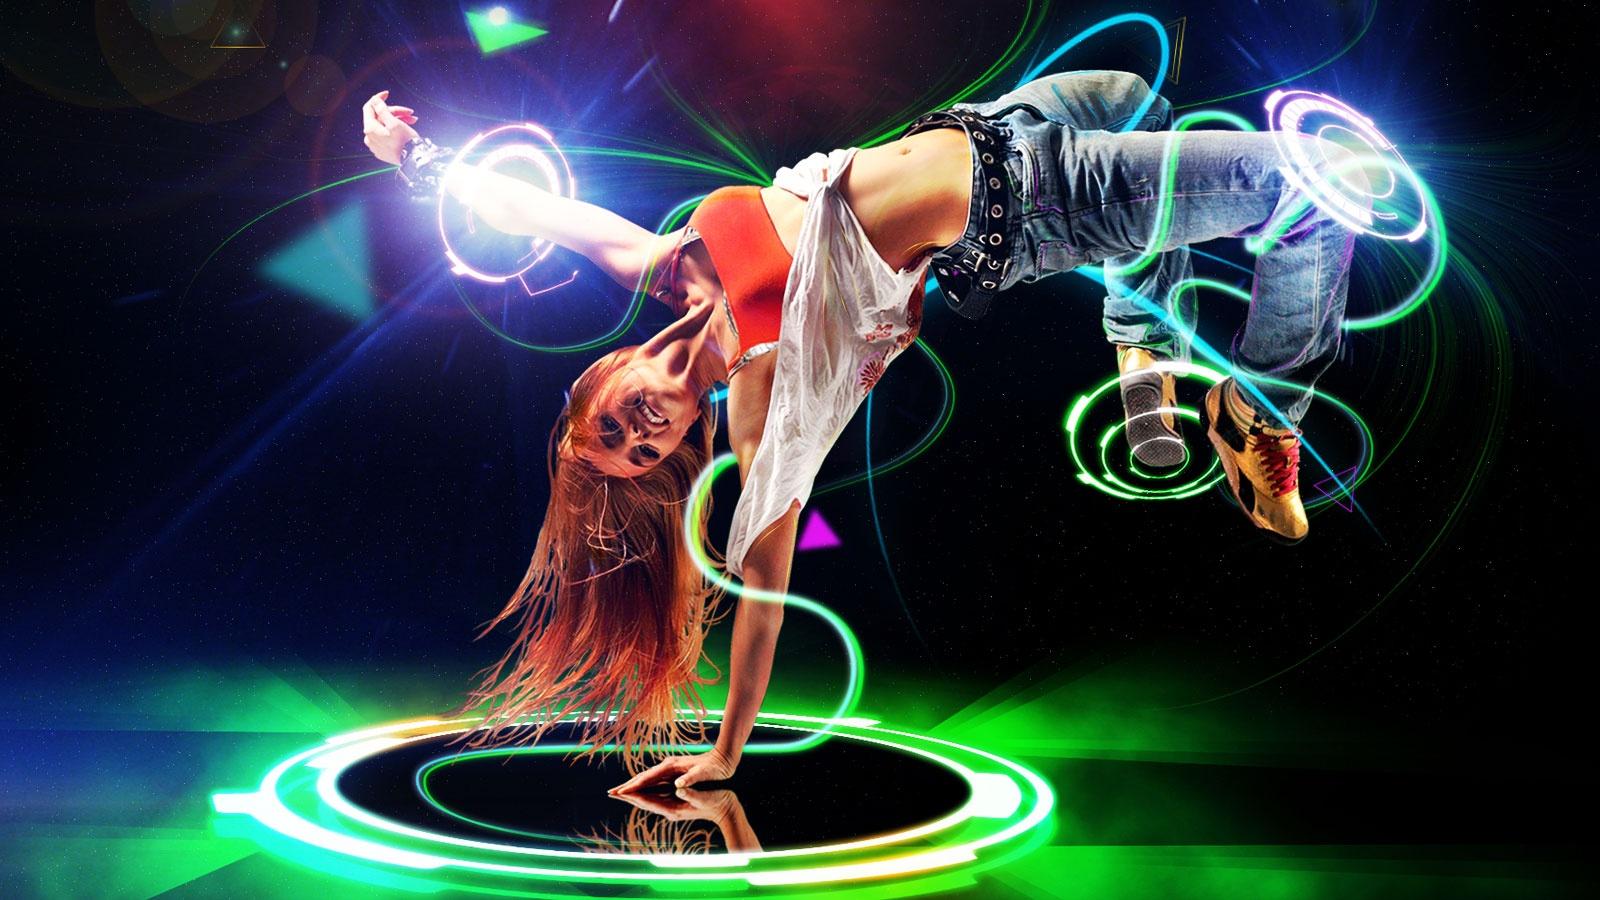 de pantallas djs HD gratis Hot New Reggaeton   Remixes Fondos HD 1600x900